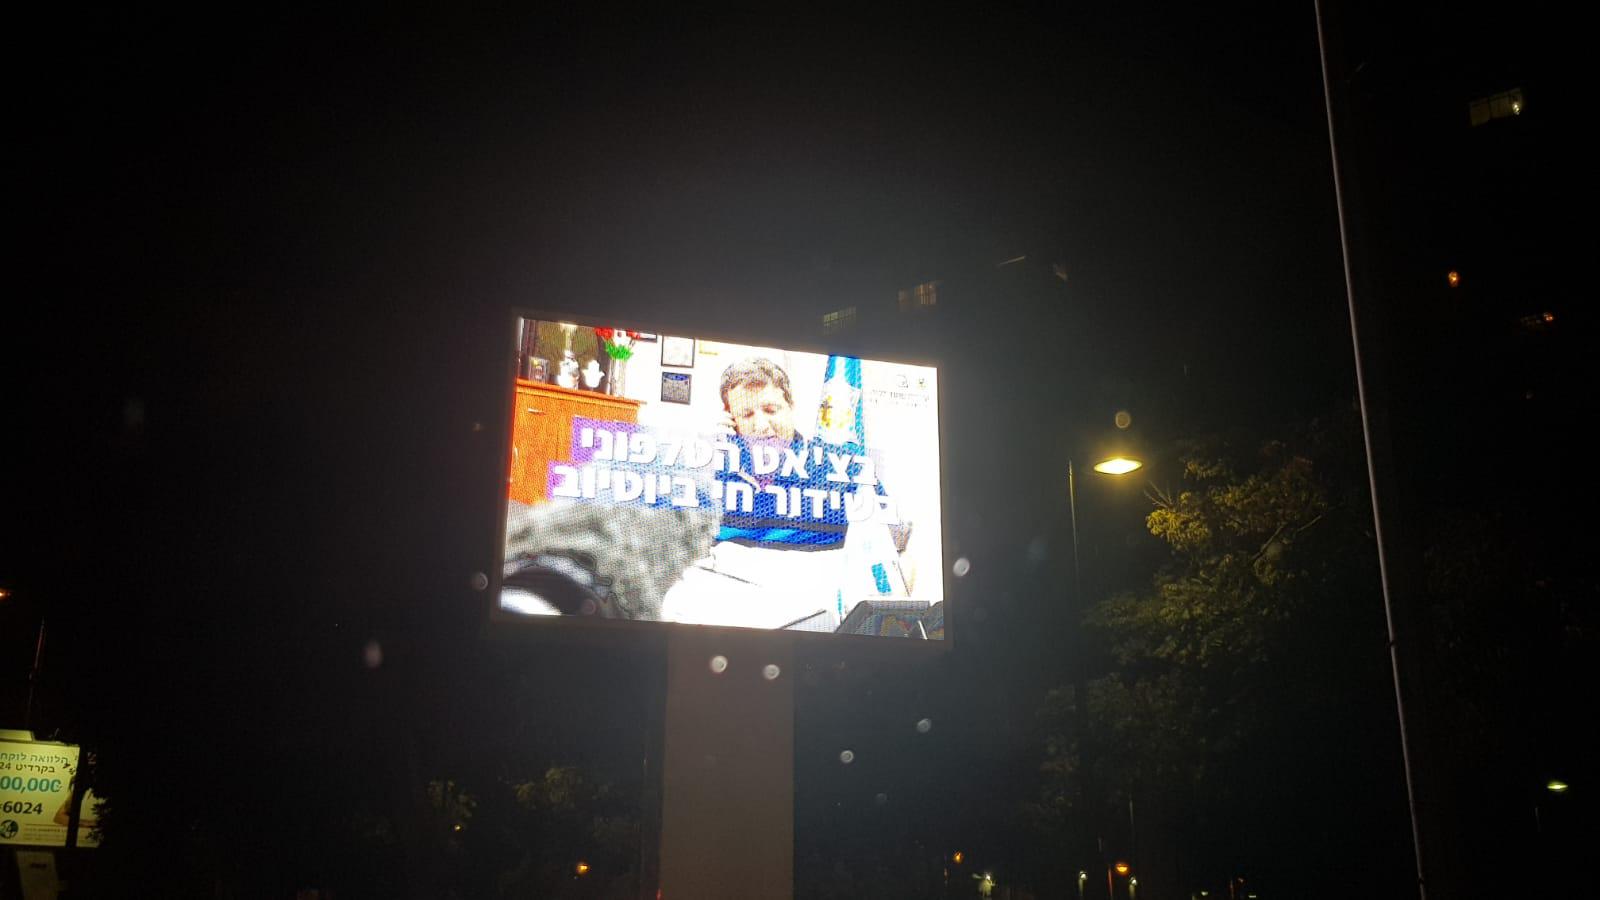 שלט לד מואר בלילה